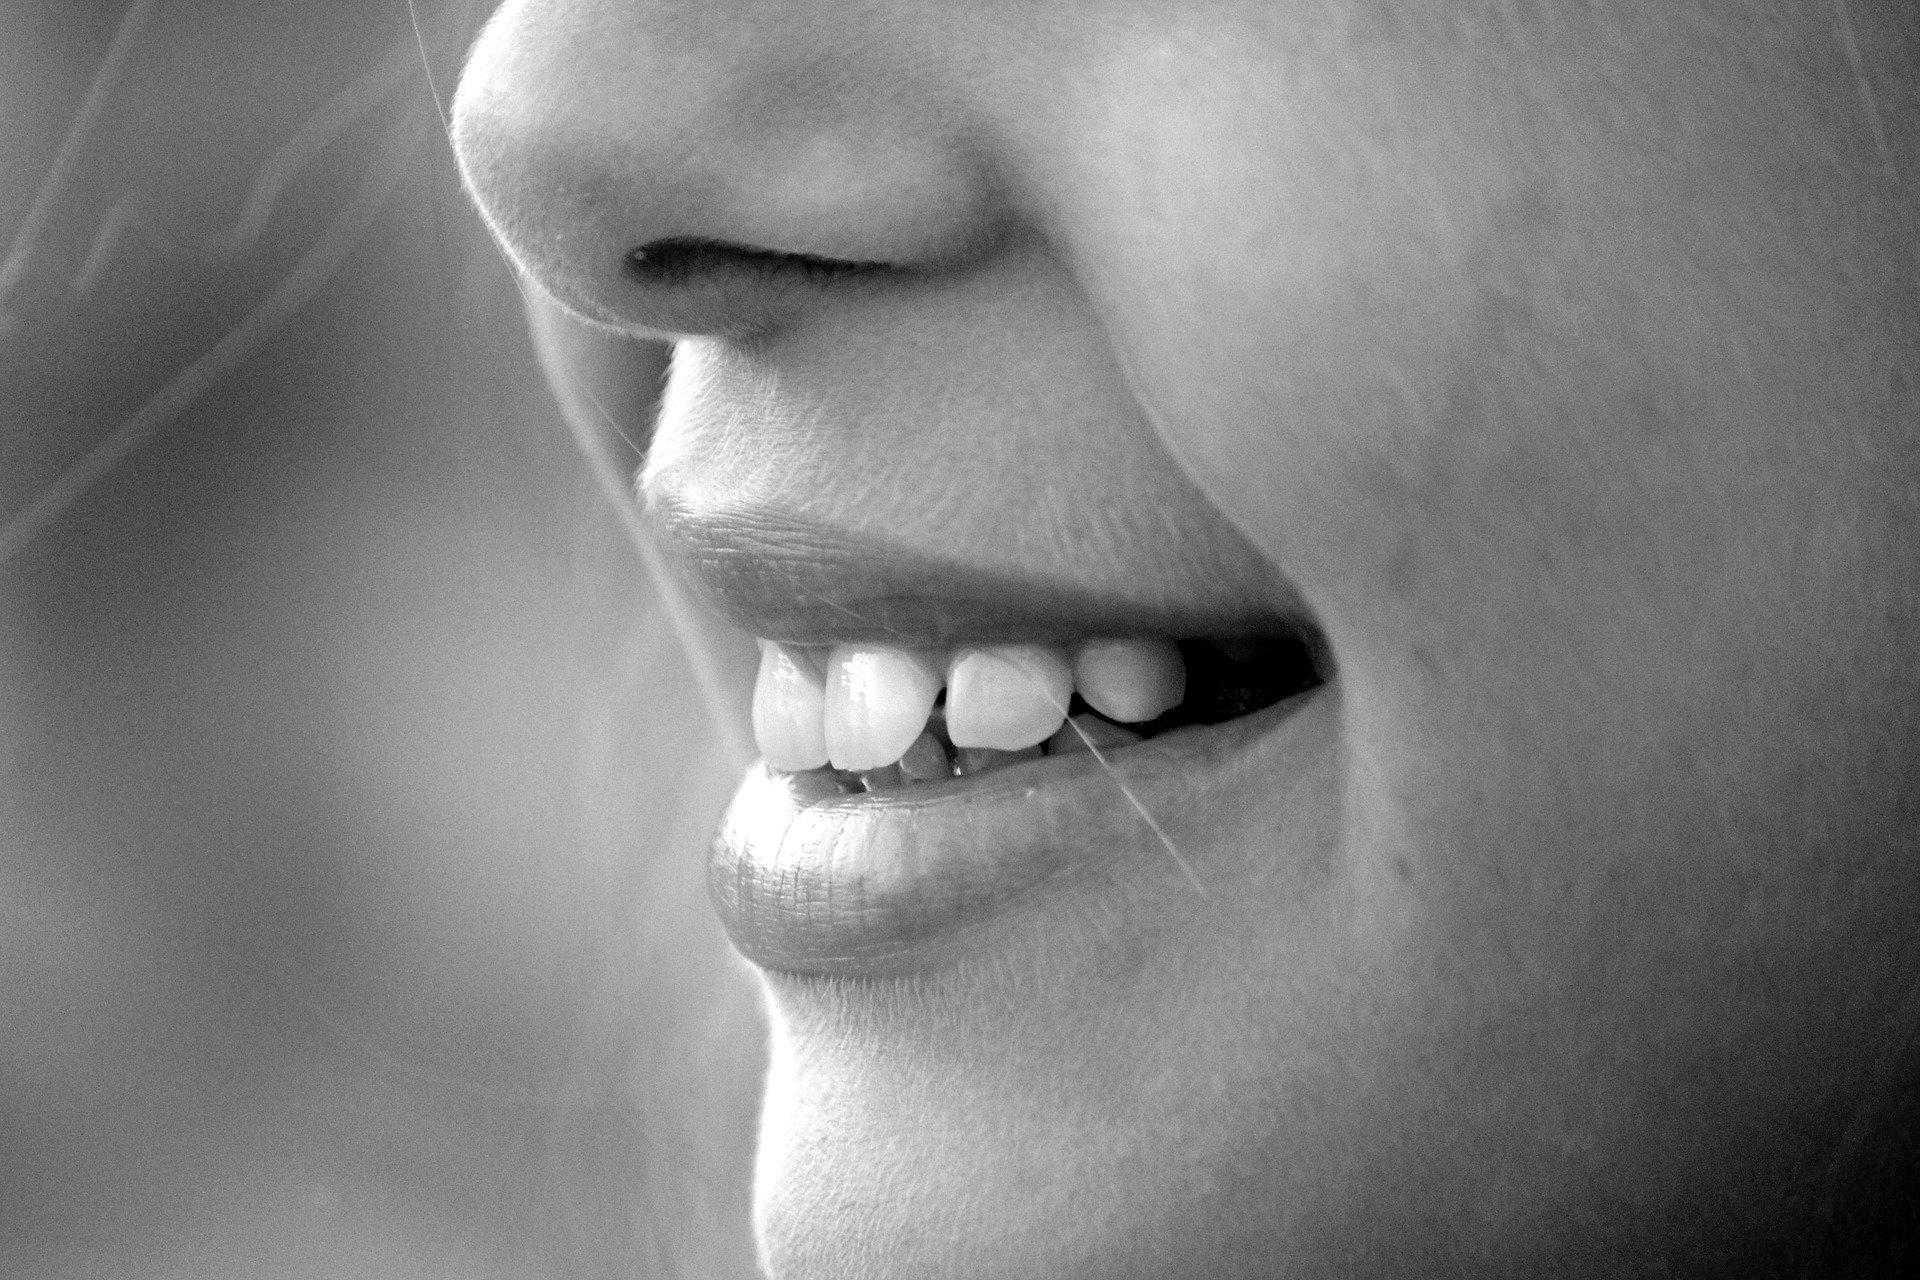 Медик назвал способы вернуть вкус и обоняние после COVID-19